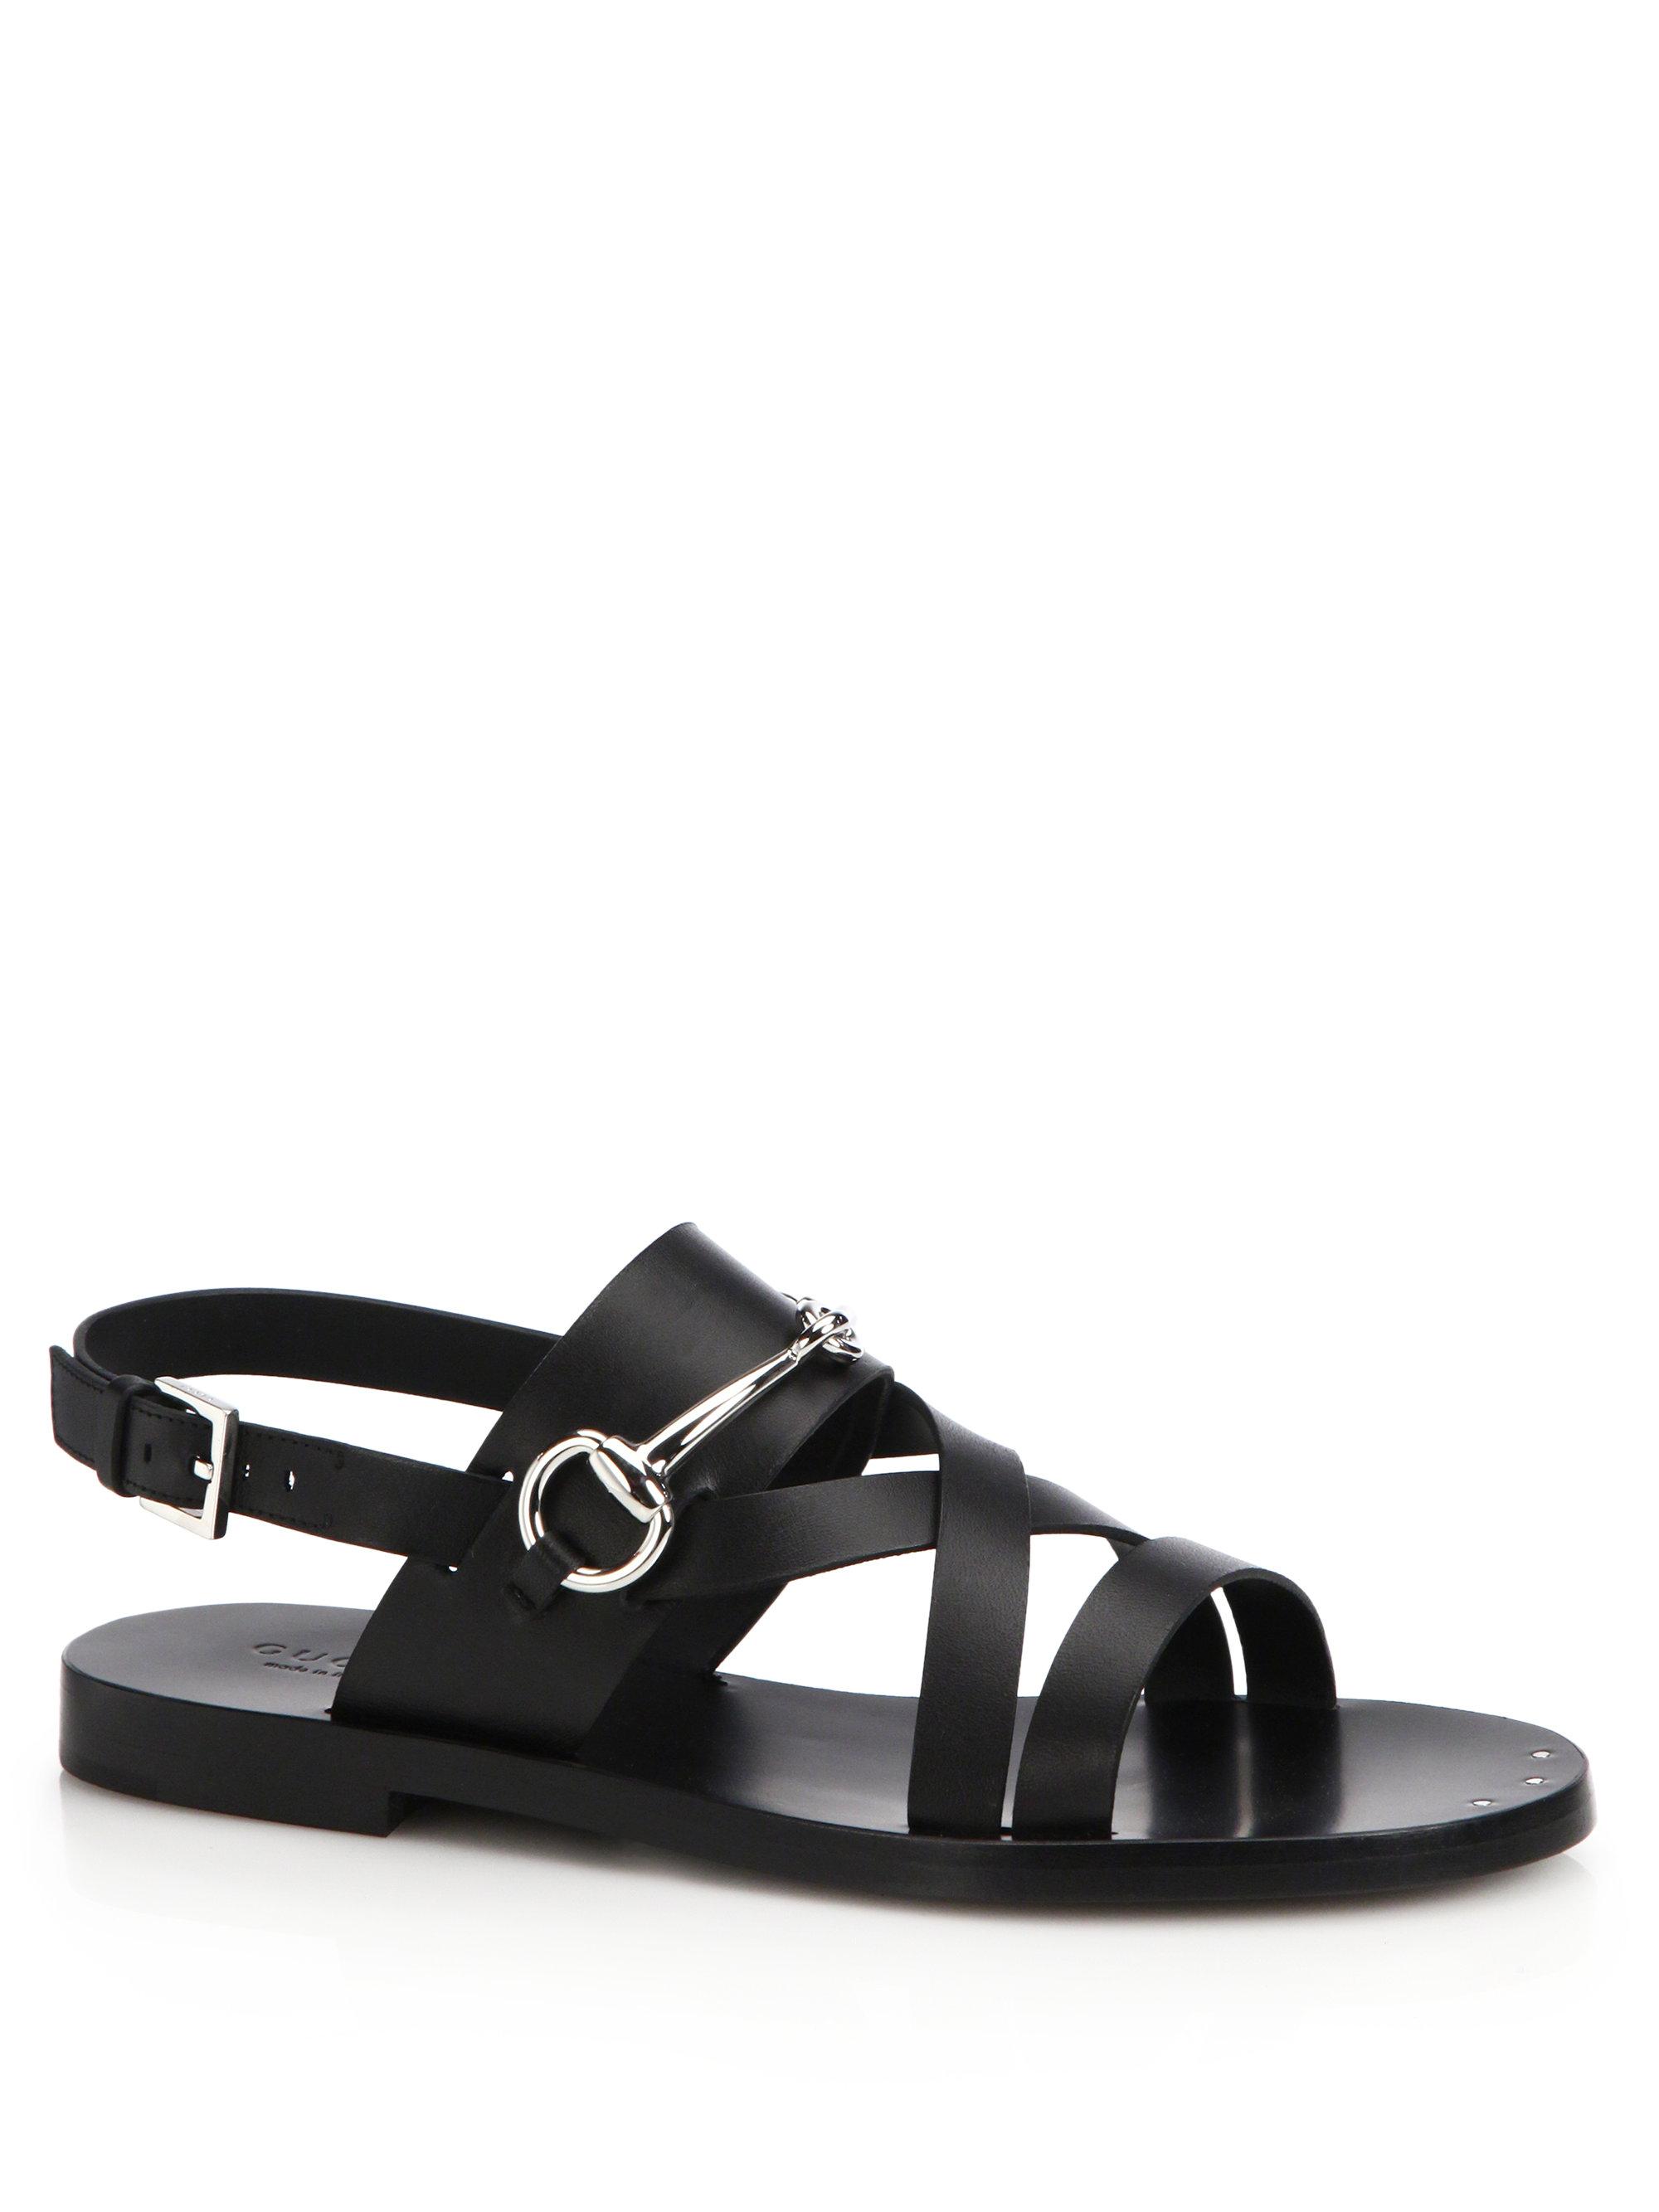 da3154e5563b Lyst - Gucci Juliette Strappy Flat Sandals in Black